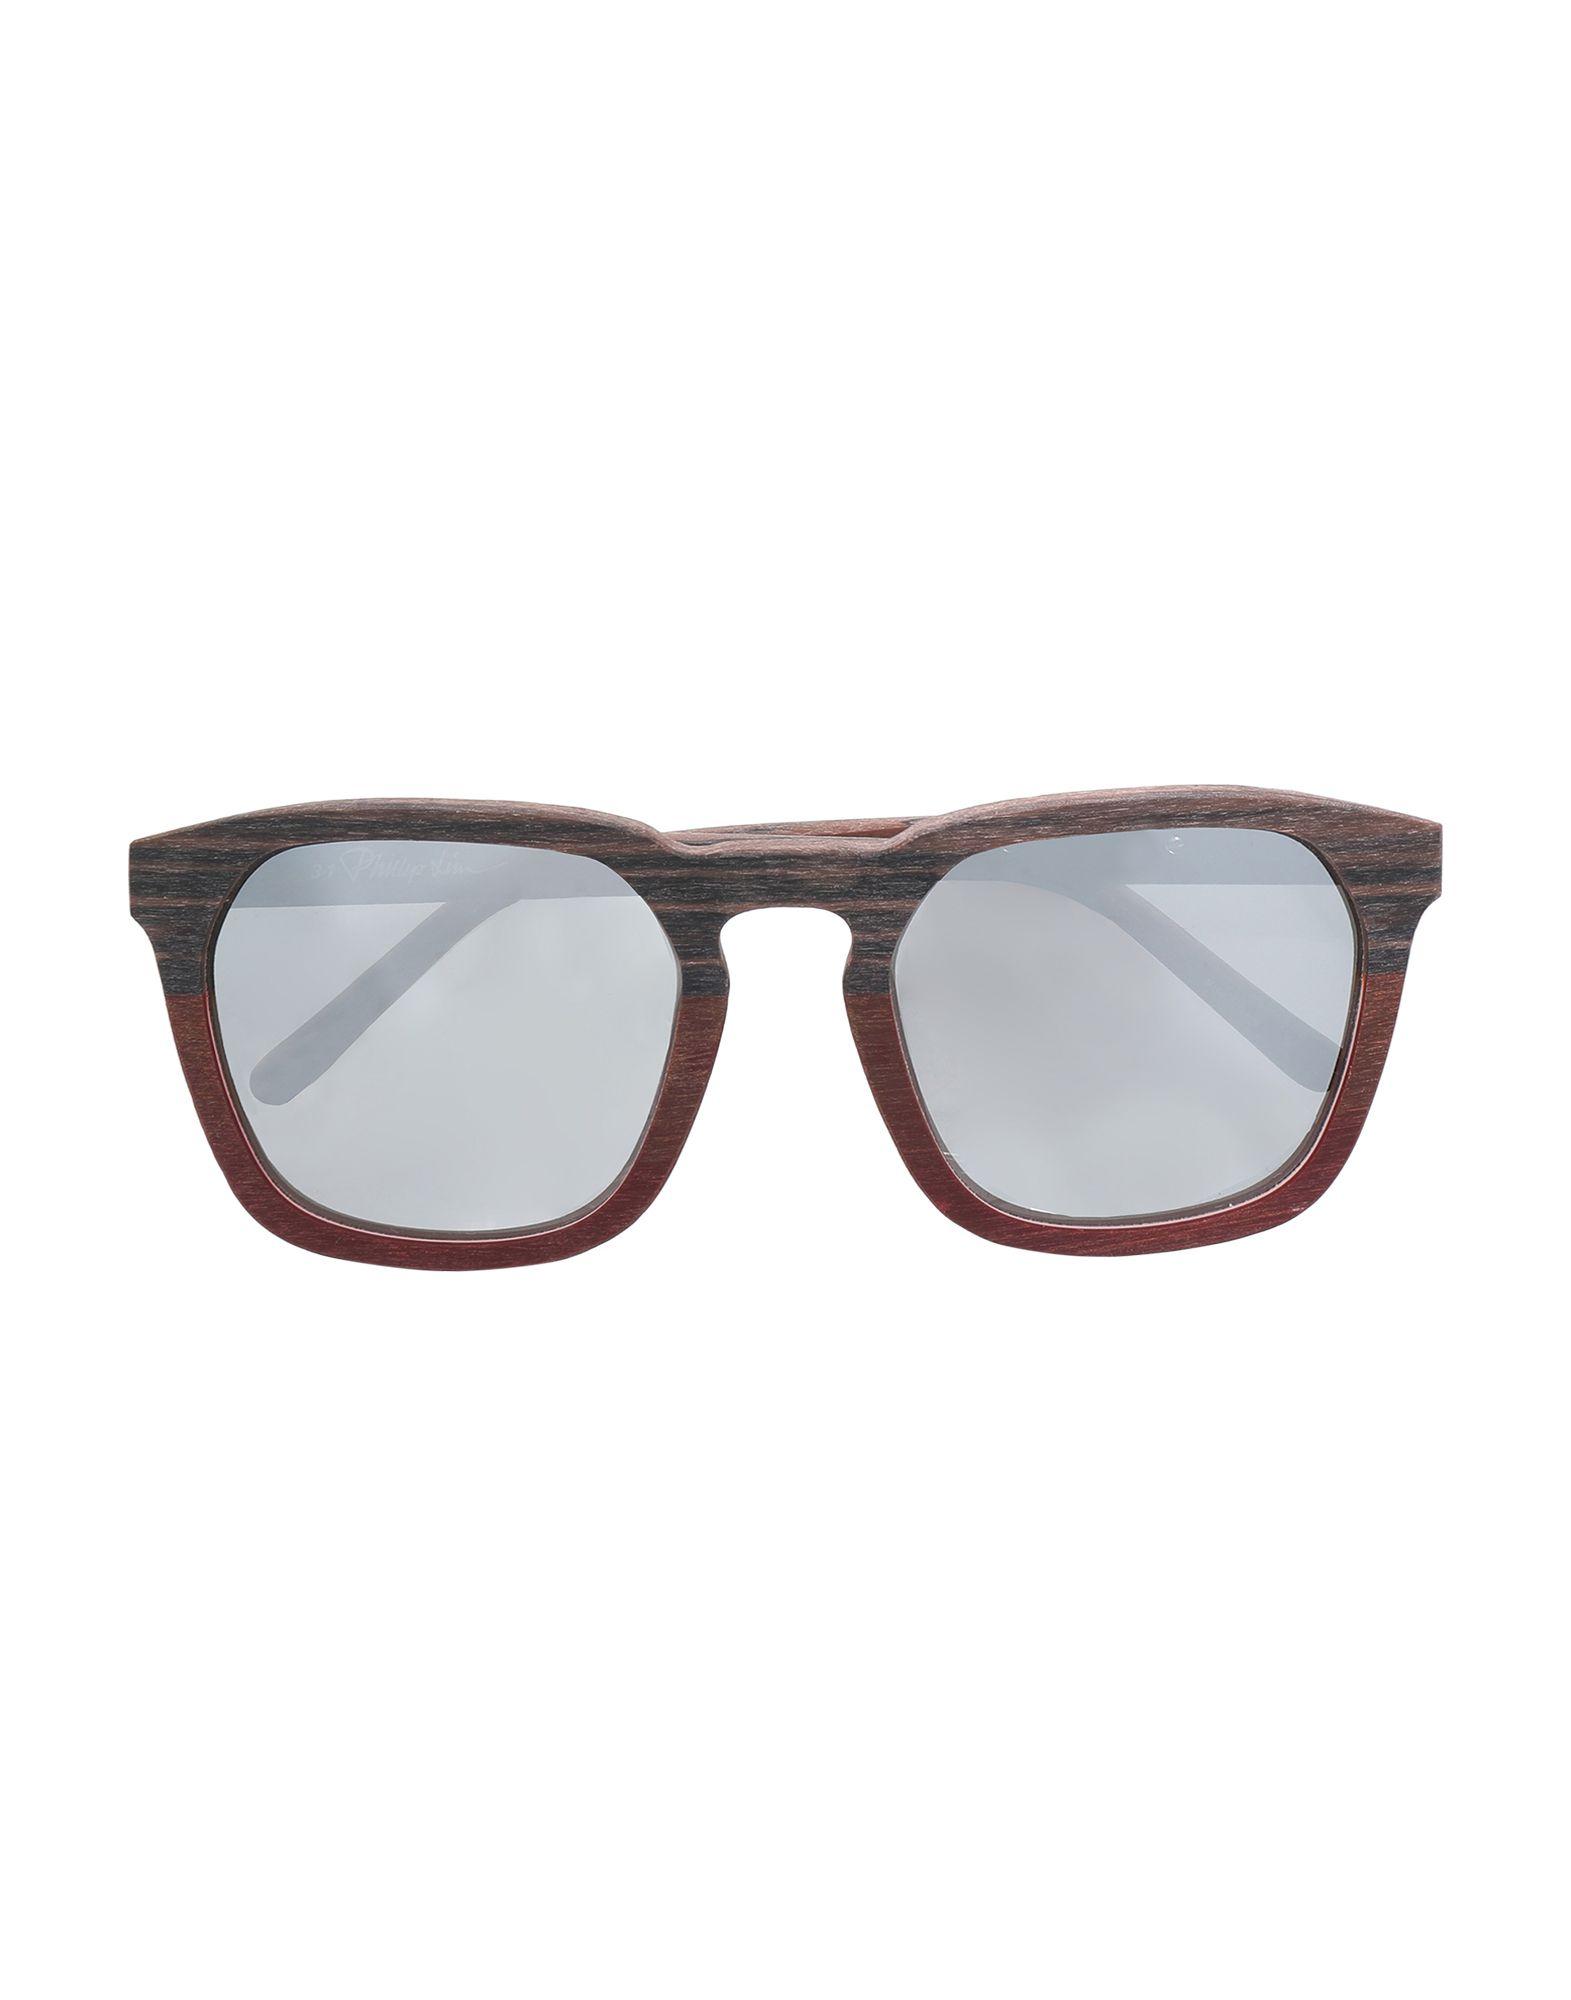 LINDA FARROW x 3.1 PHILLIP LIM Солнечные очки